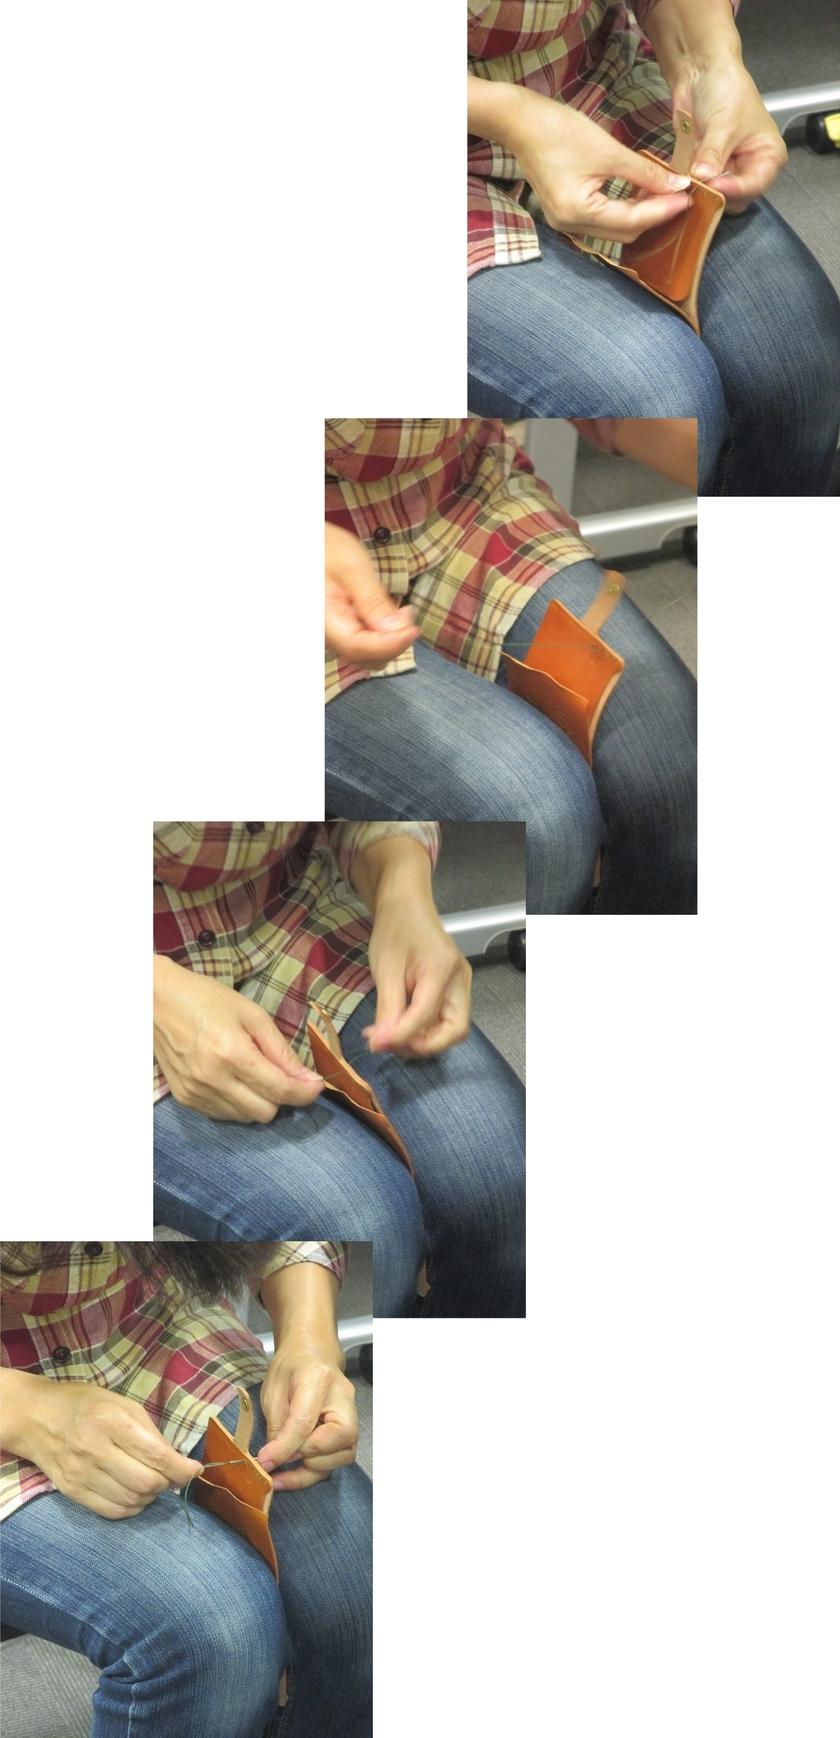 膝で抑えながら縫うと、安定して縫いやすいです